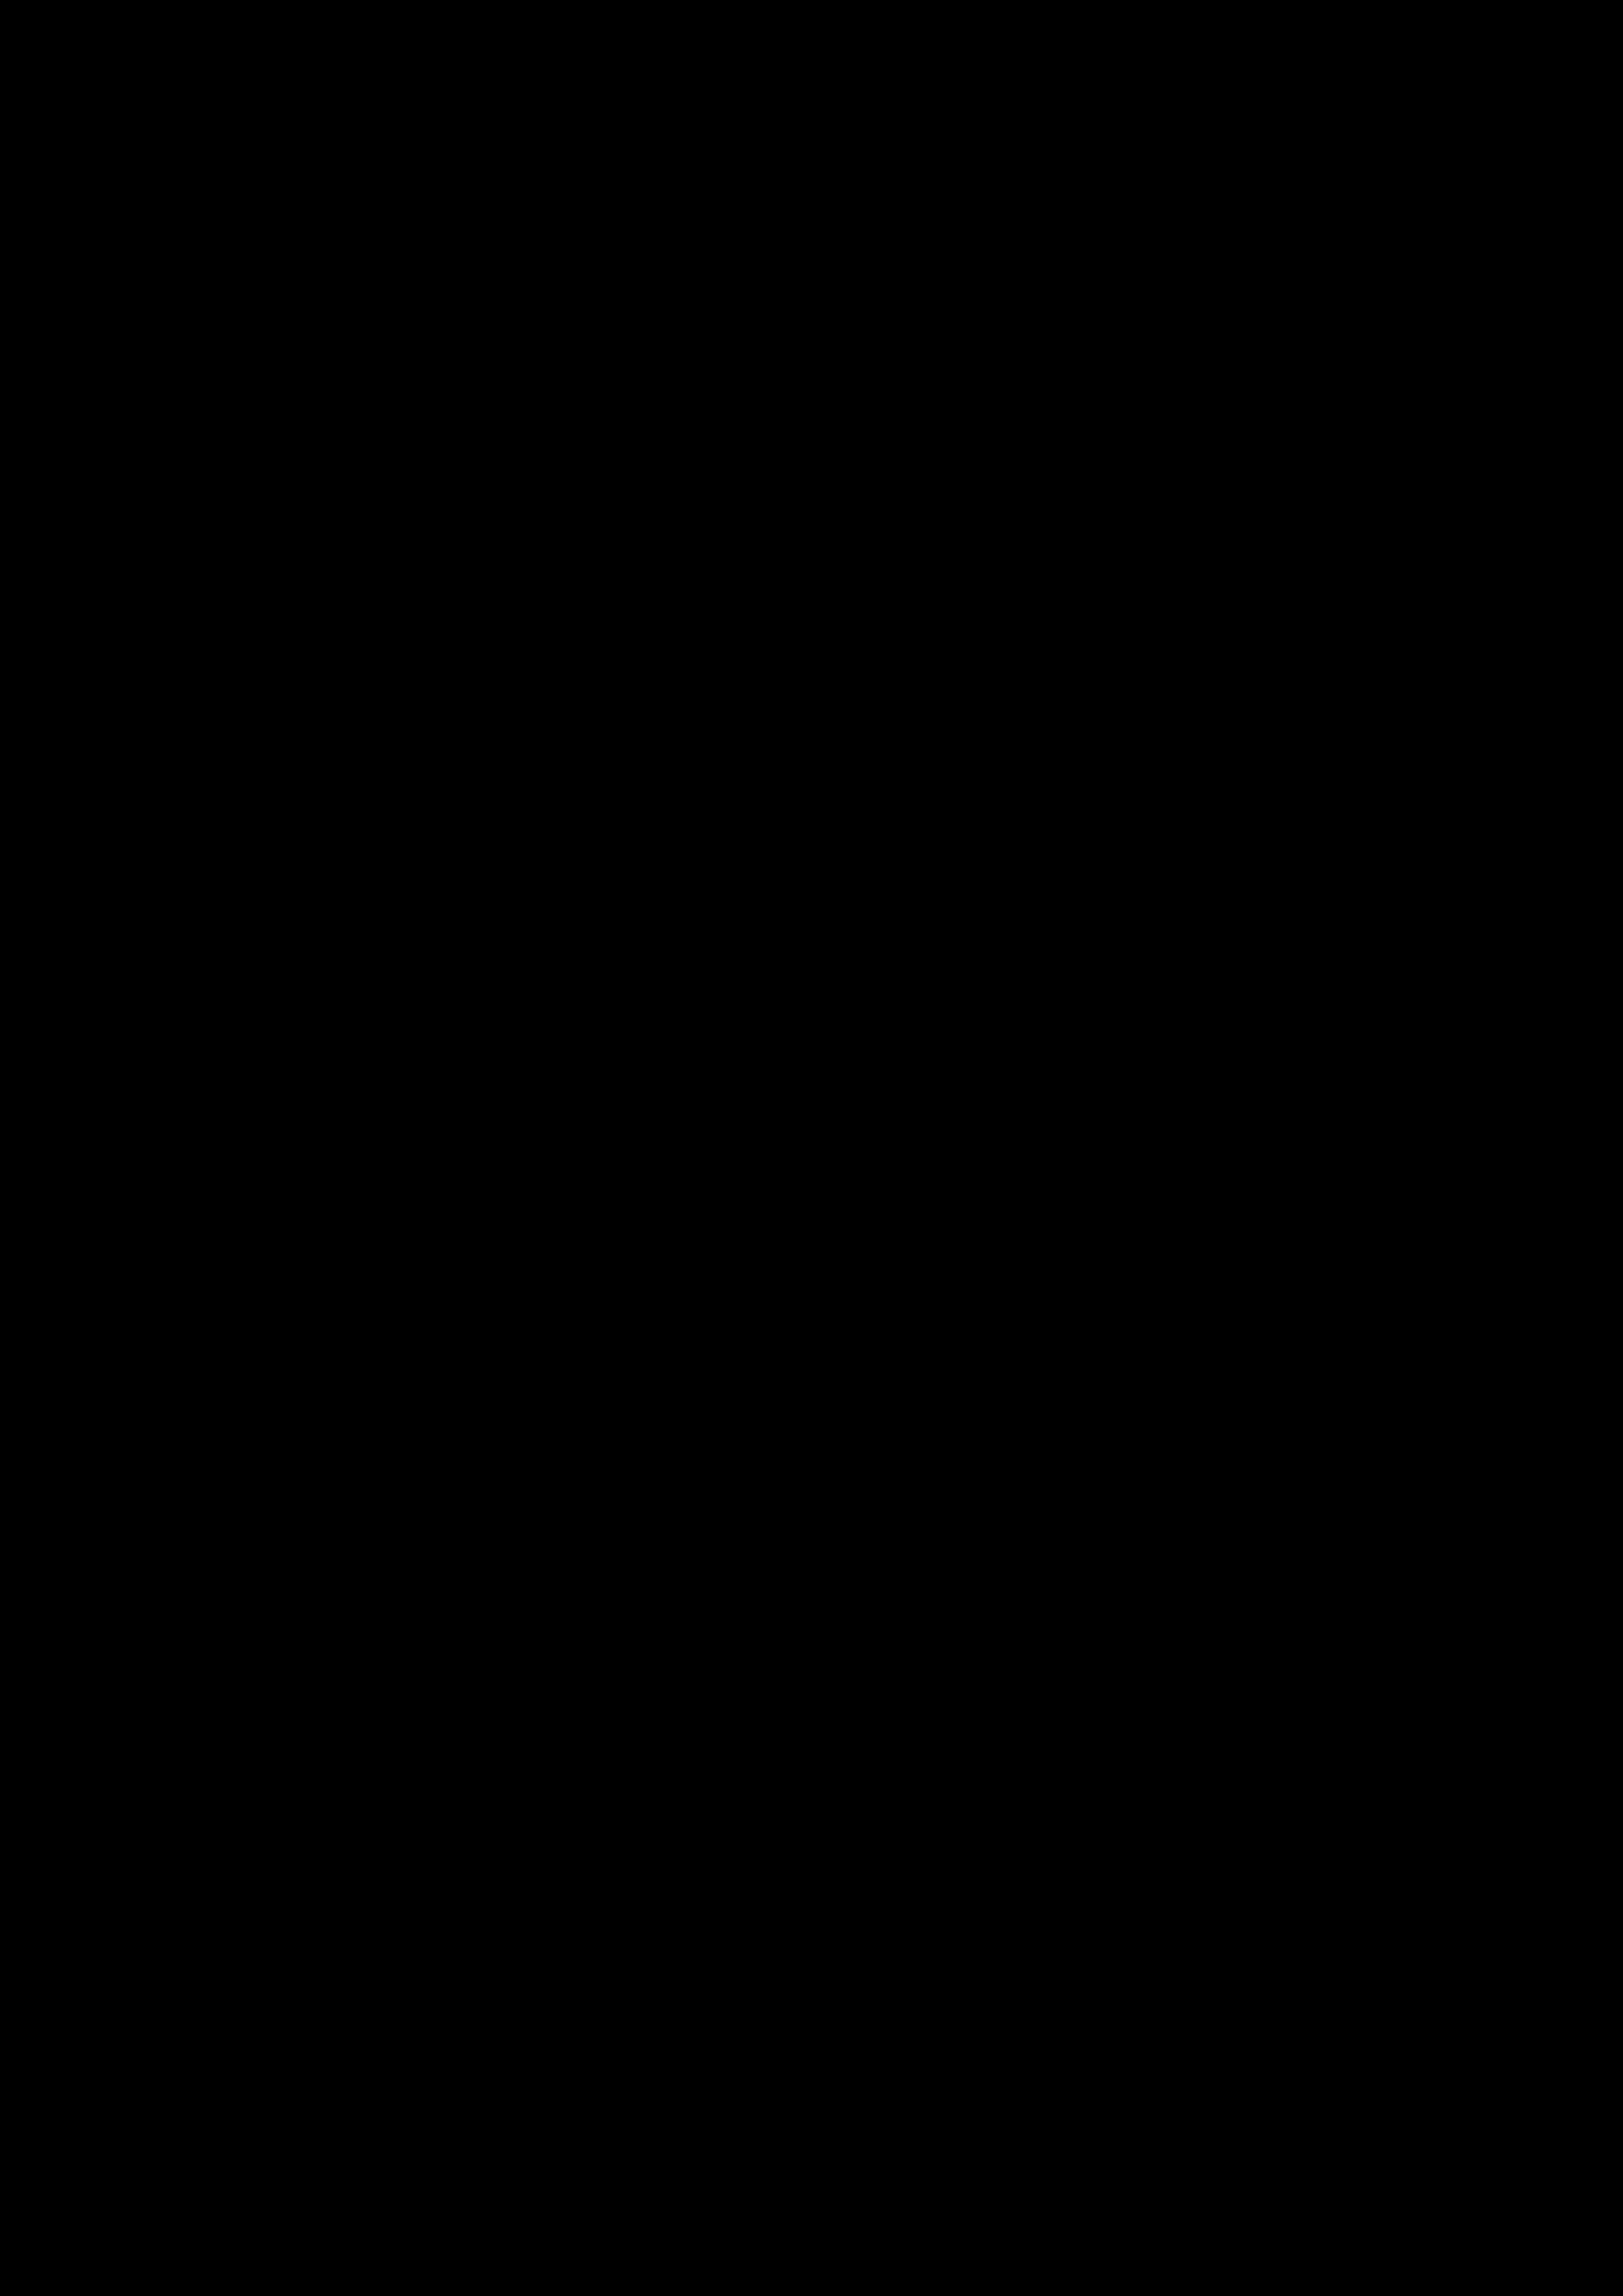 E_Kohler_Op_33_No_2_9-2